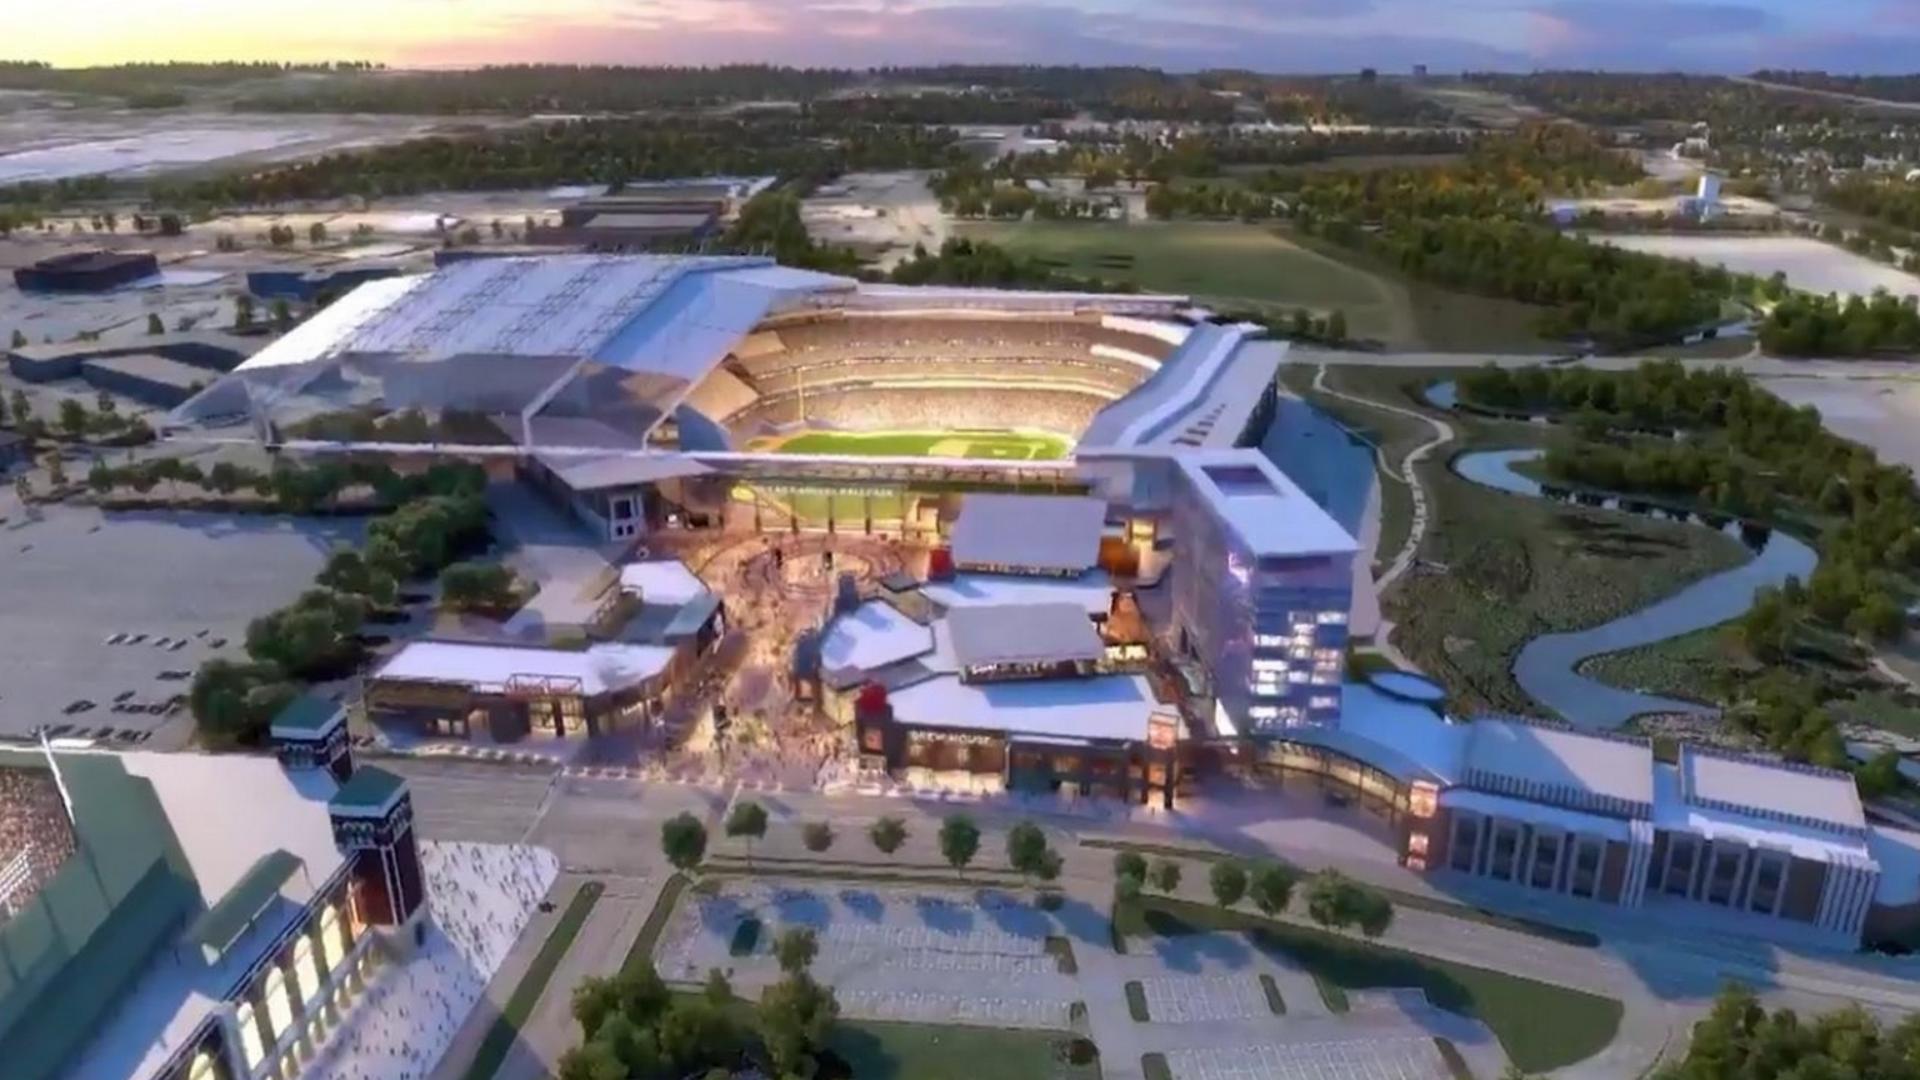 Voters OK public money for new Texas Rangers ballpark